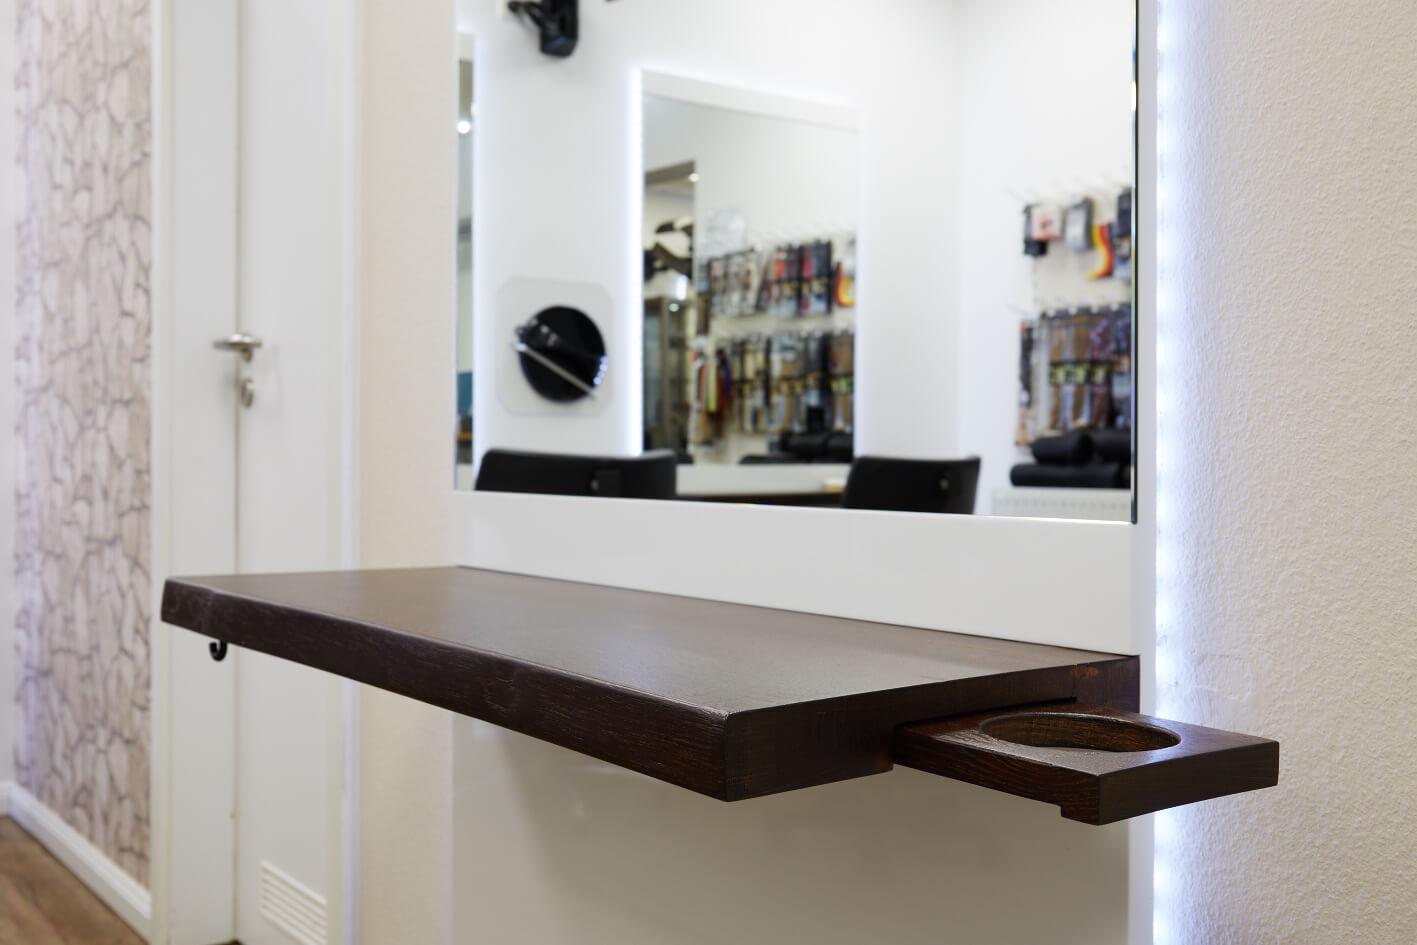 Möbel Spiegel Frisierständer Friseur